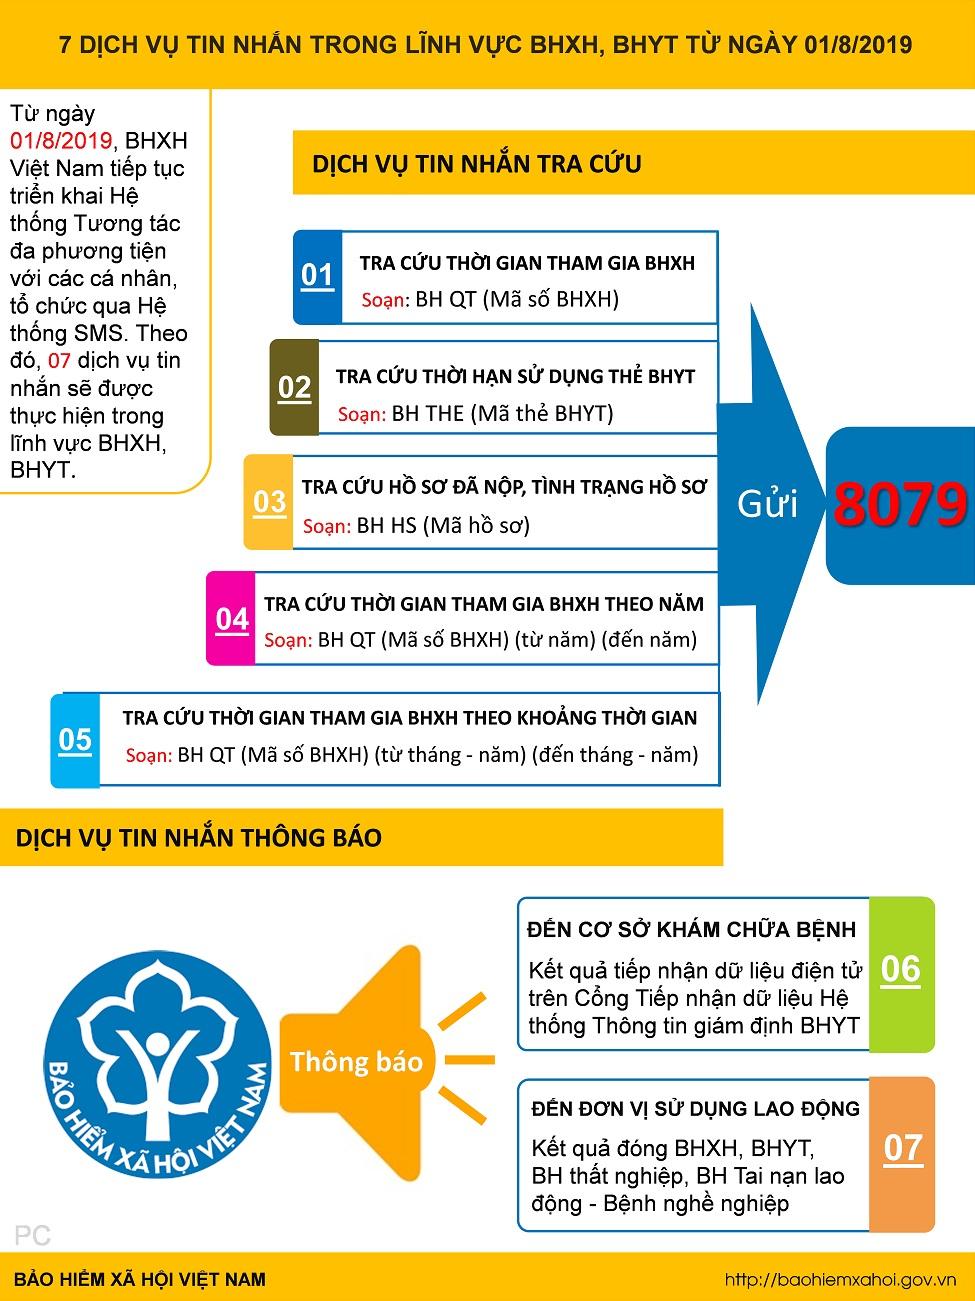 [Infographic] 7 dịch vụ tin nhắn trong lĩnh vực BHXH, BHYT từ ngày 01/8/2019